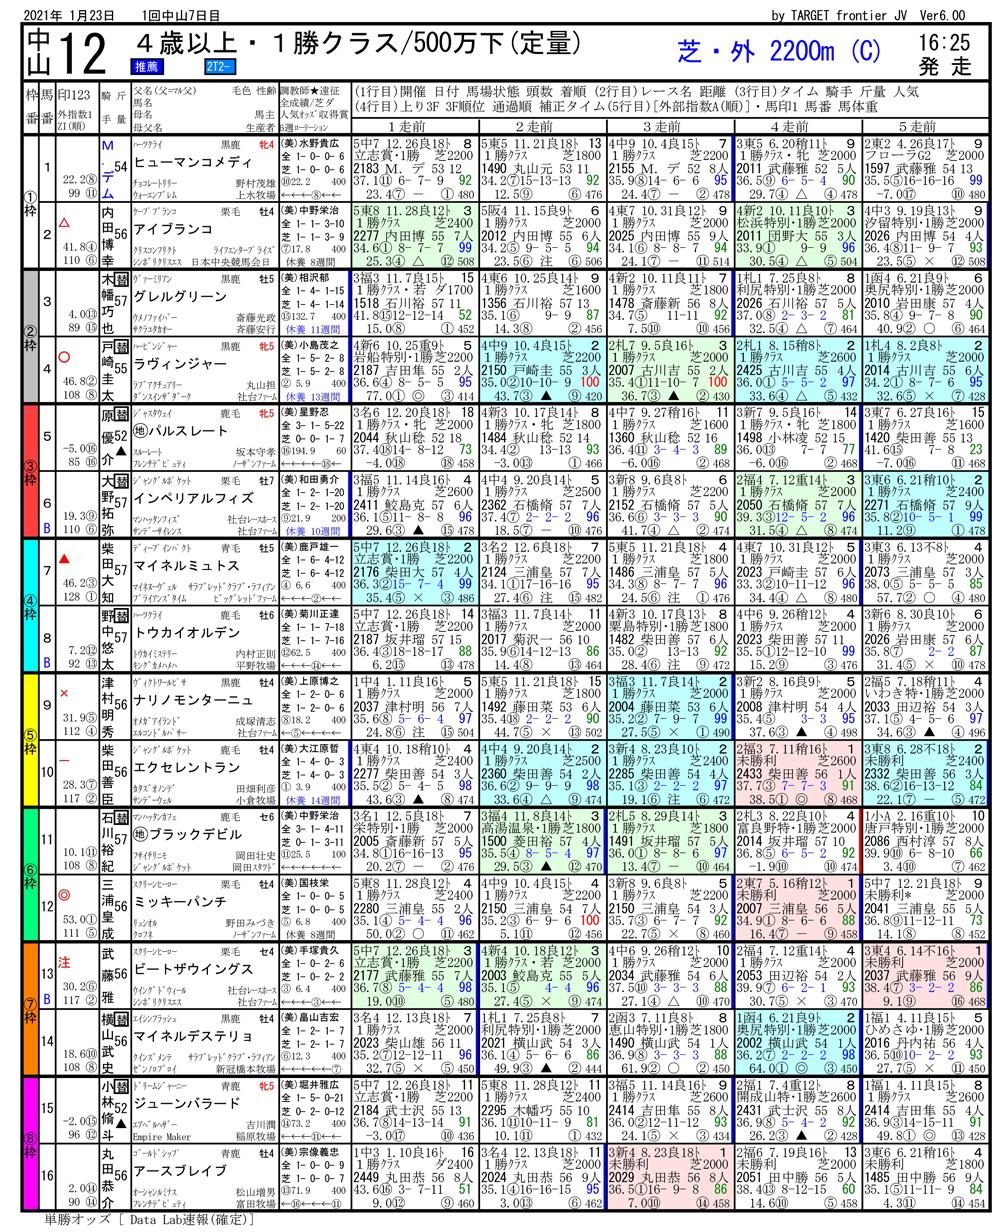 2021年01月23日開催 中山12R 4歳以上500万下 電脳競馬新聞 3連単133,040円馬券的中